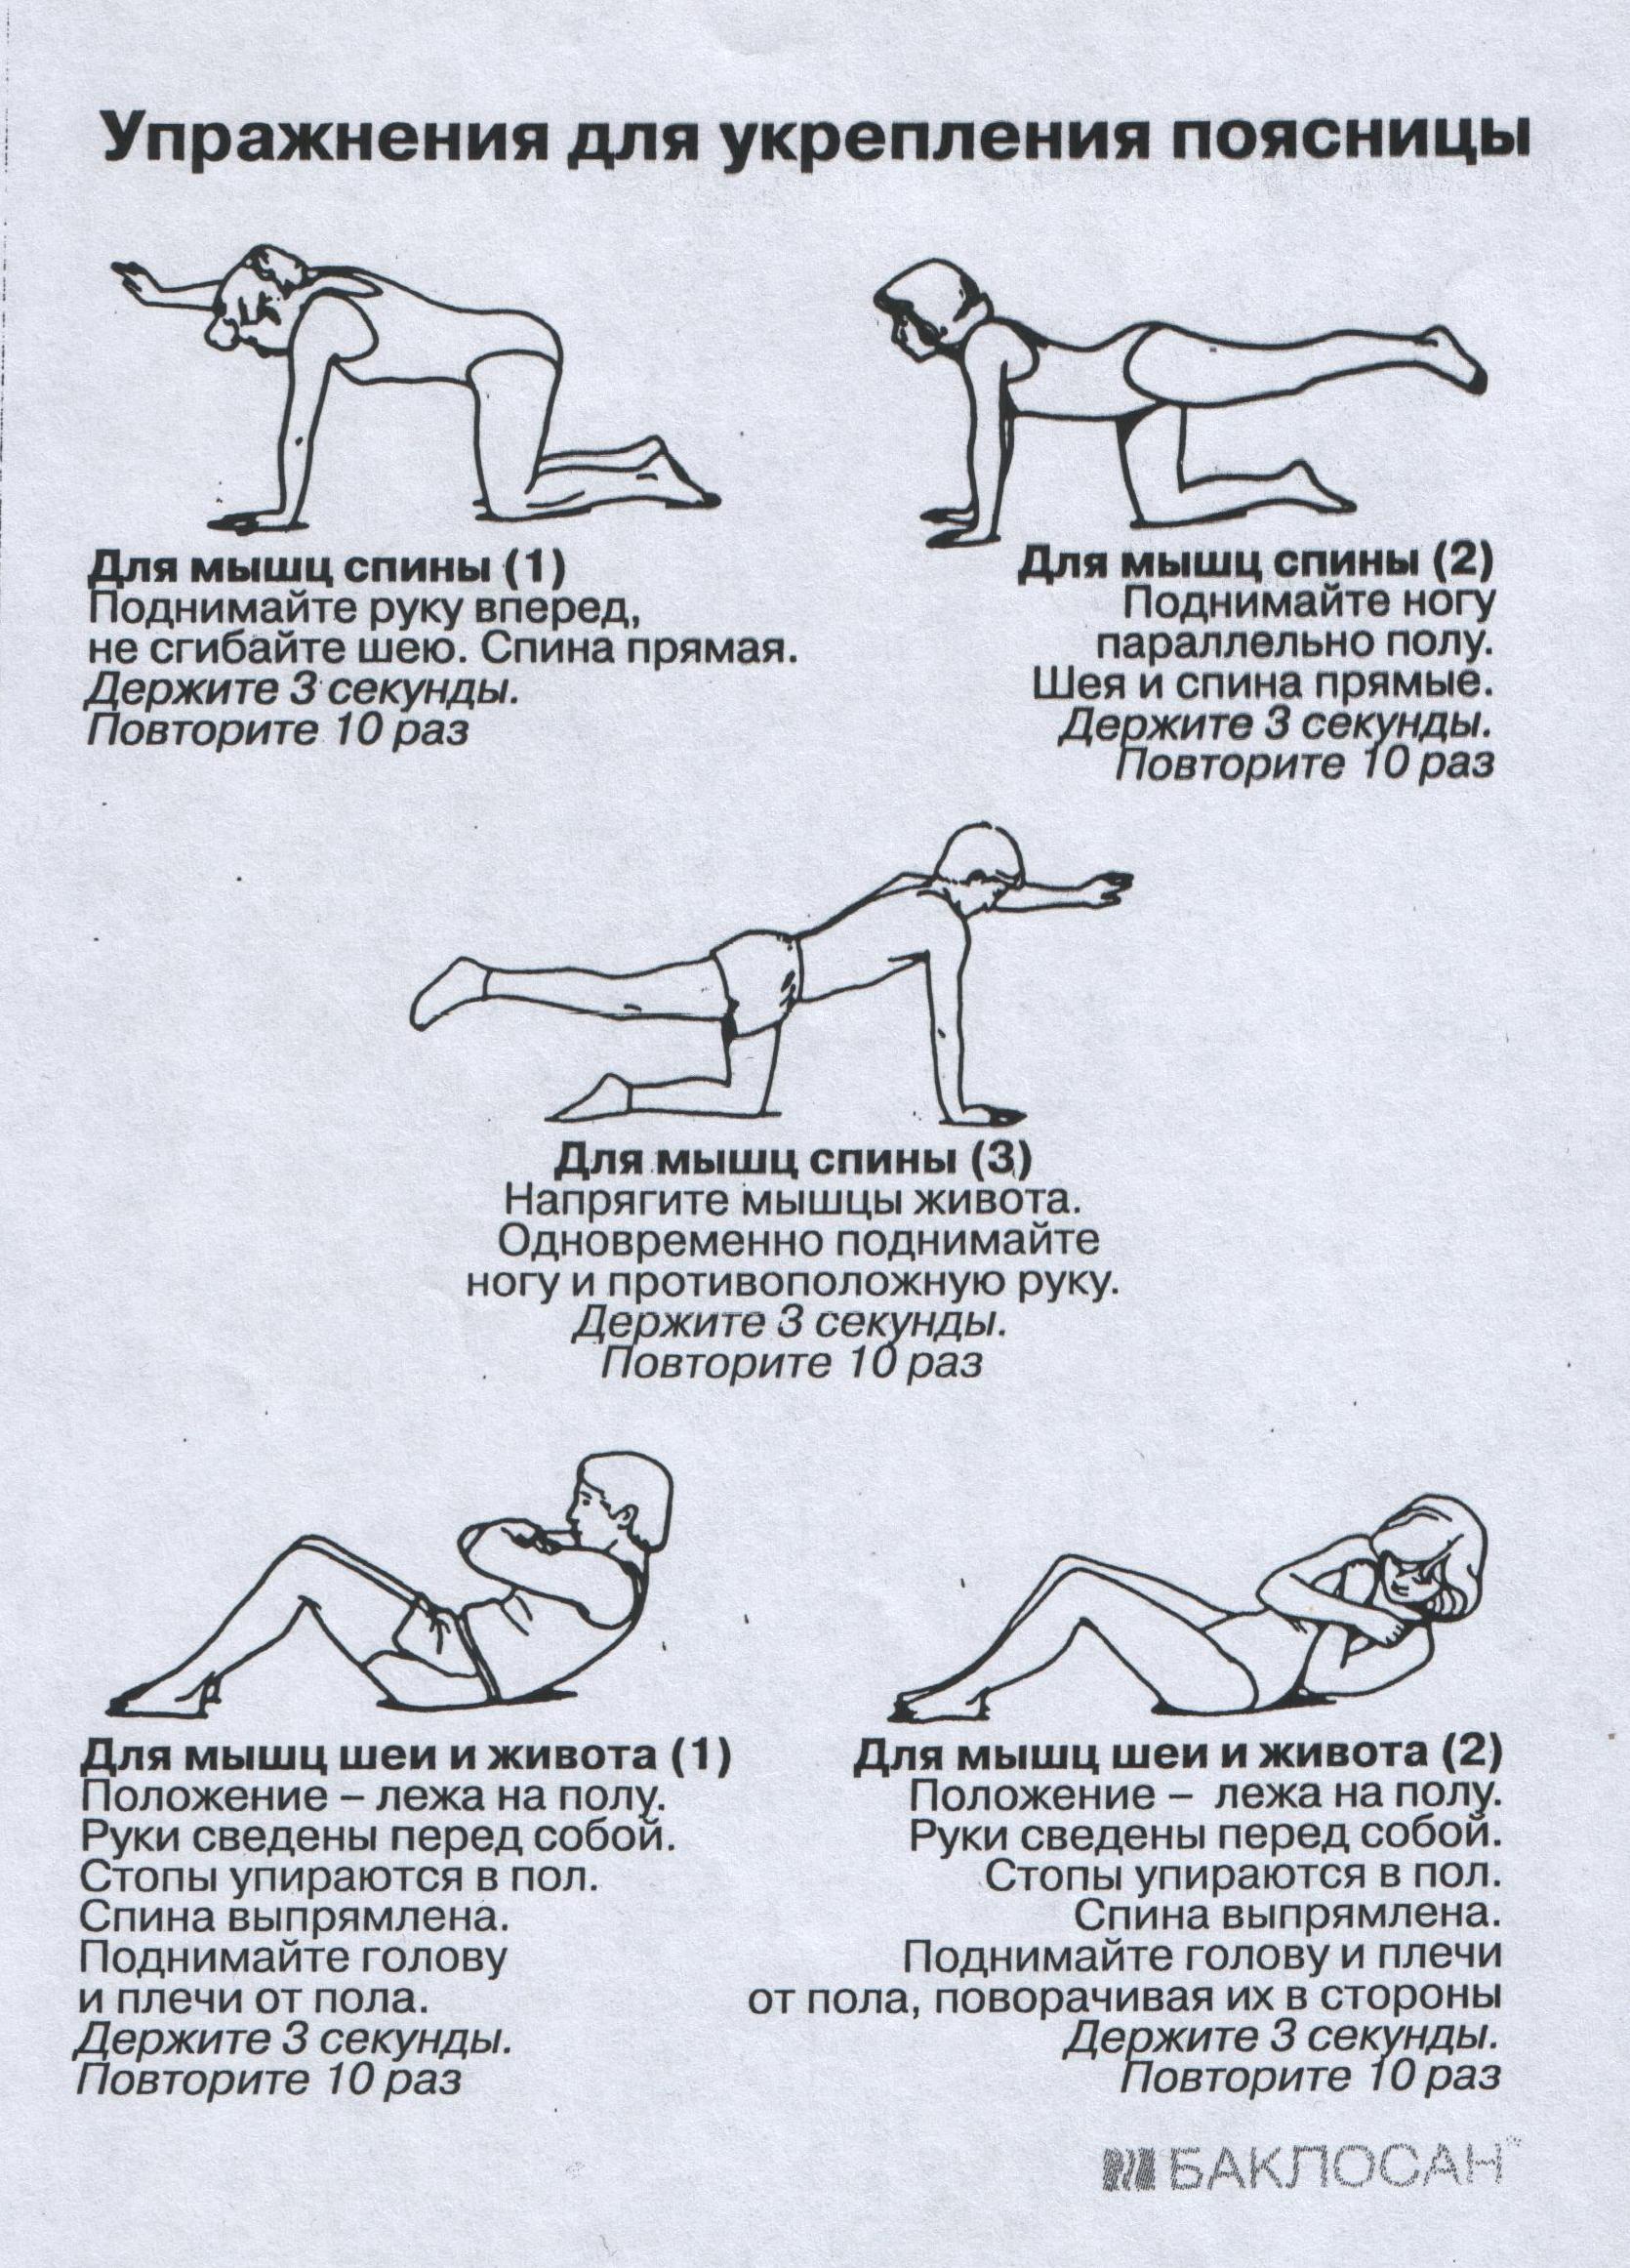 упражнения для укрепления связок в суставах